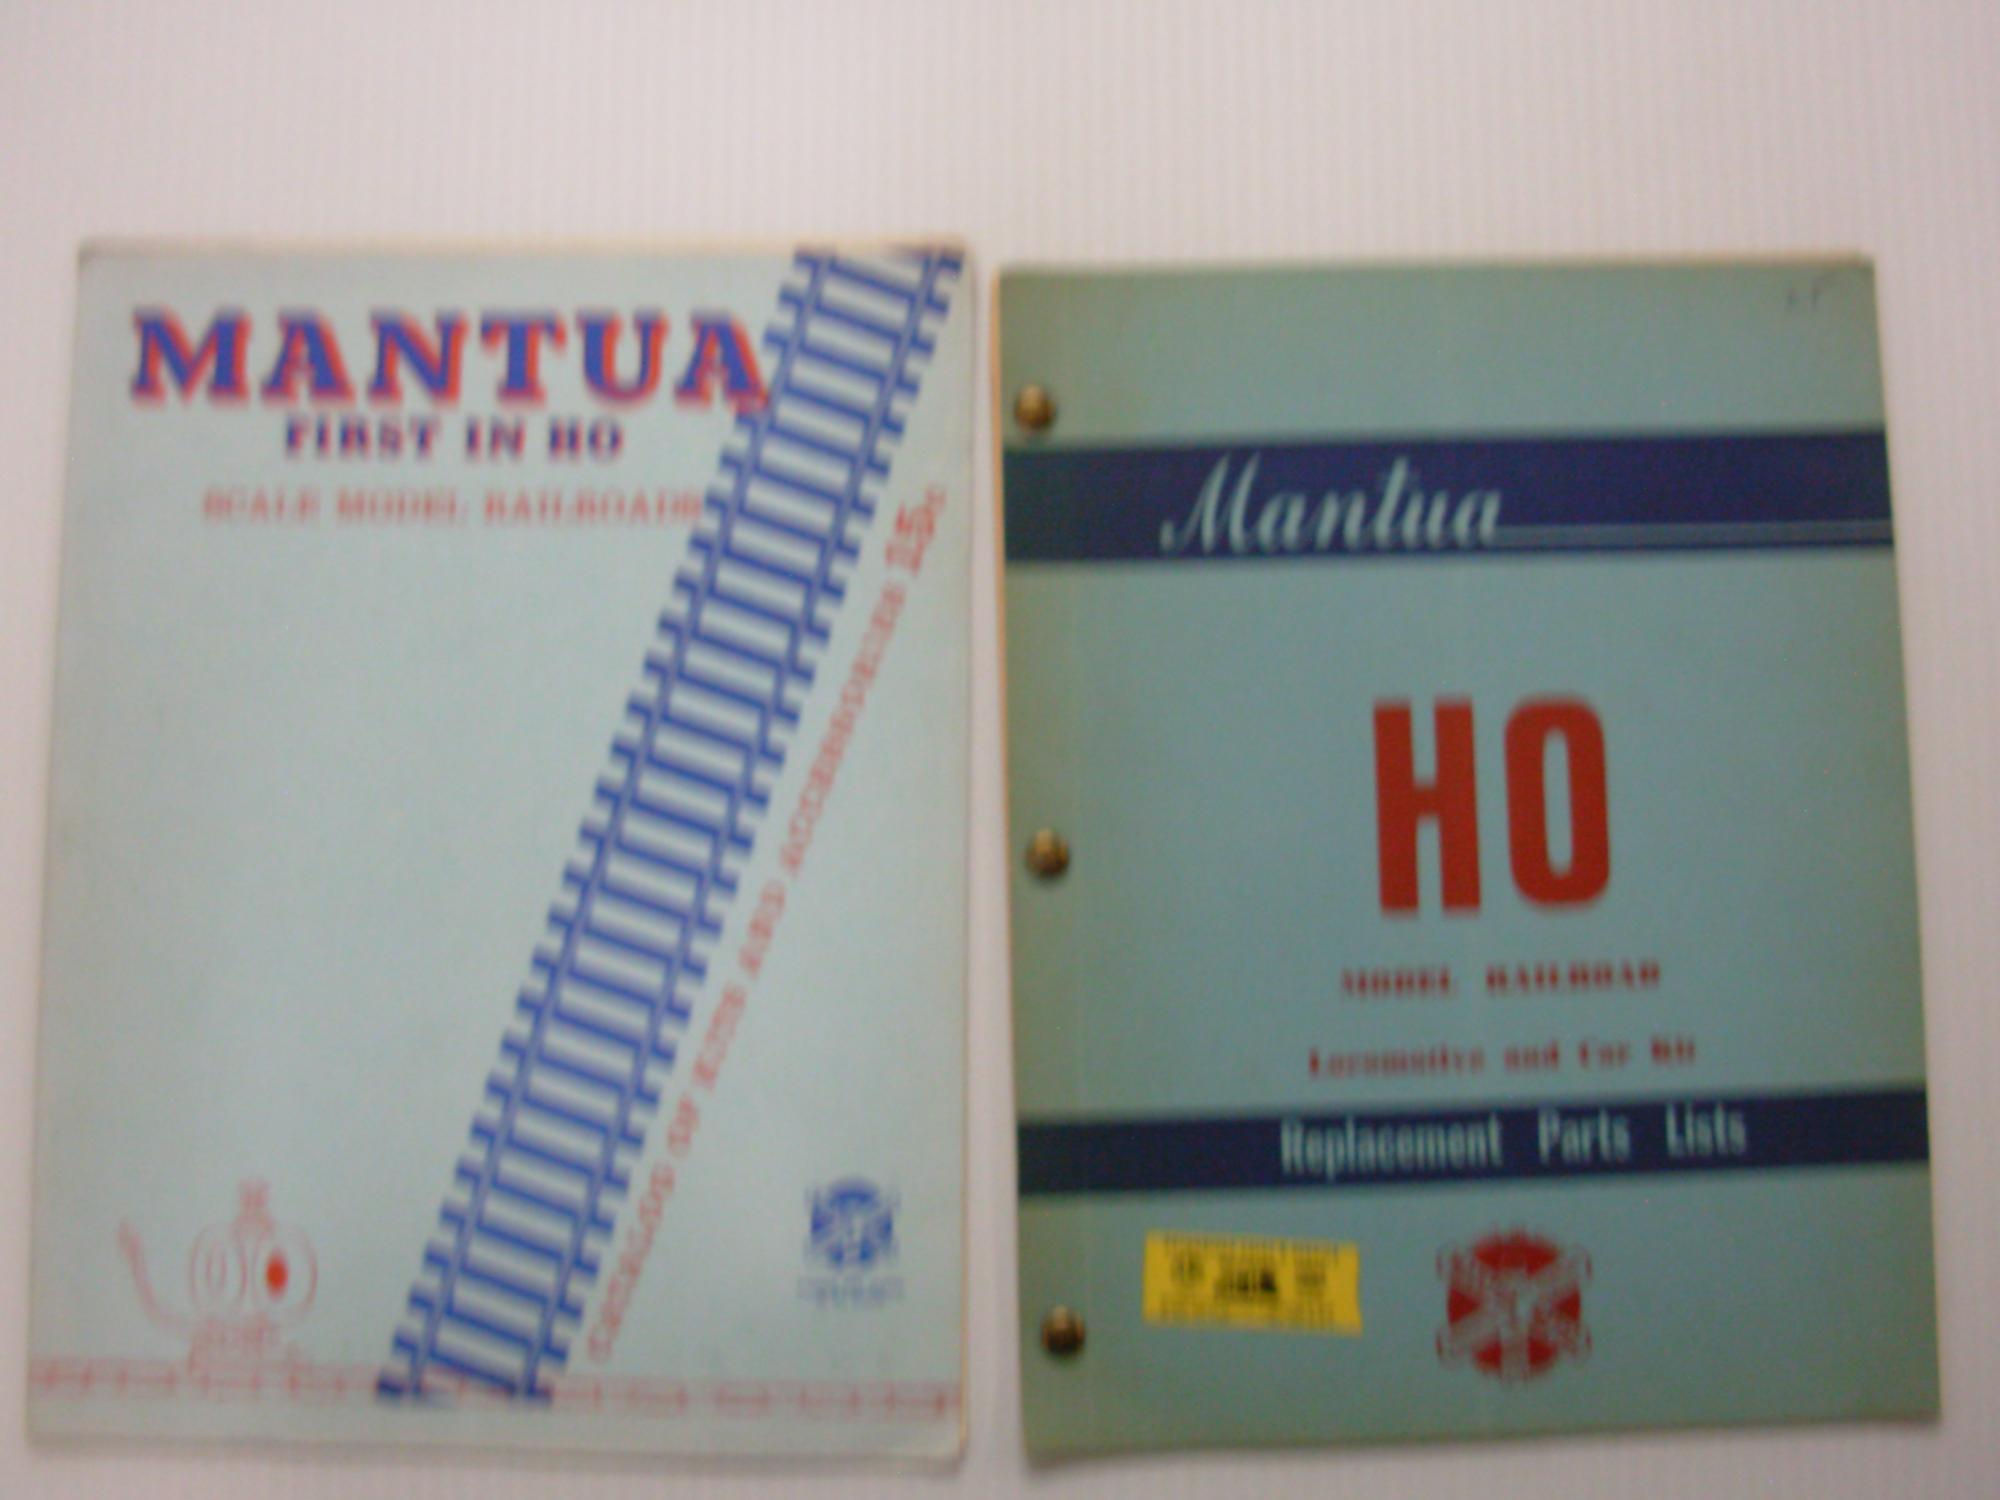 Mantua: First in HO: Scale Model Railroads--